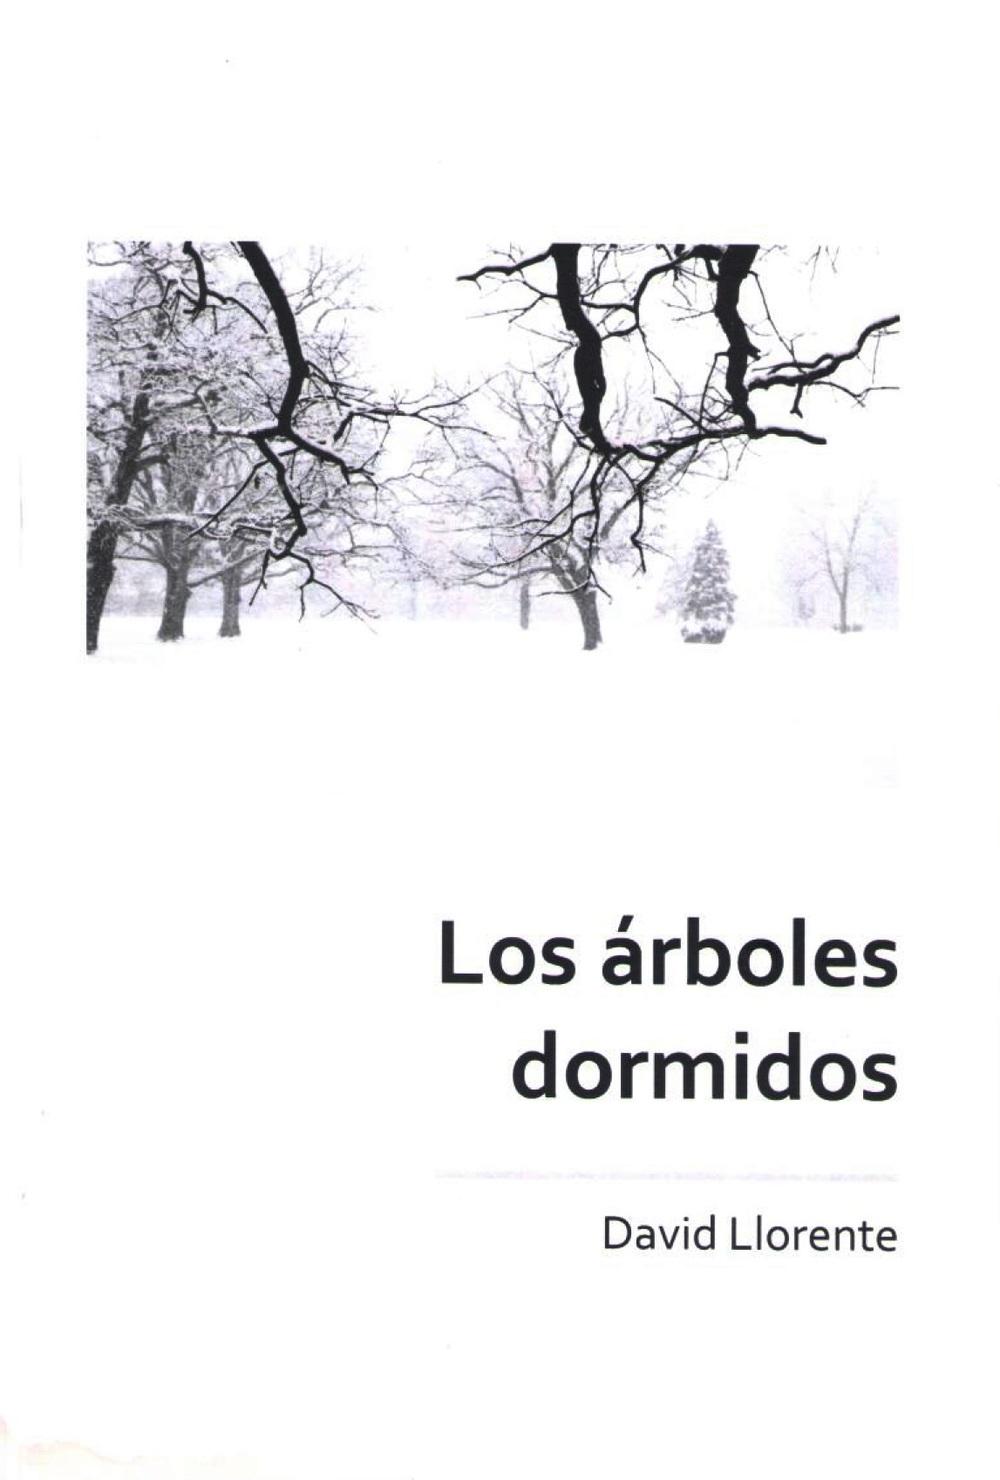 david_llorente_teatro_los_arboles_dormidos